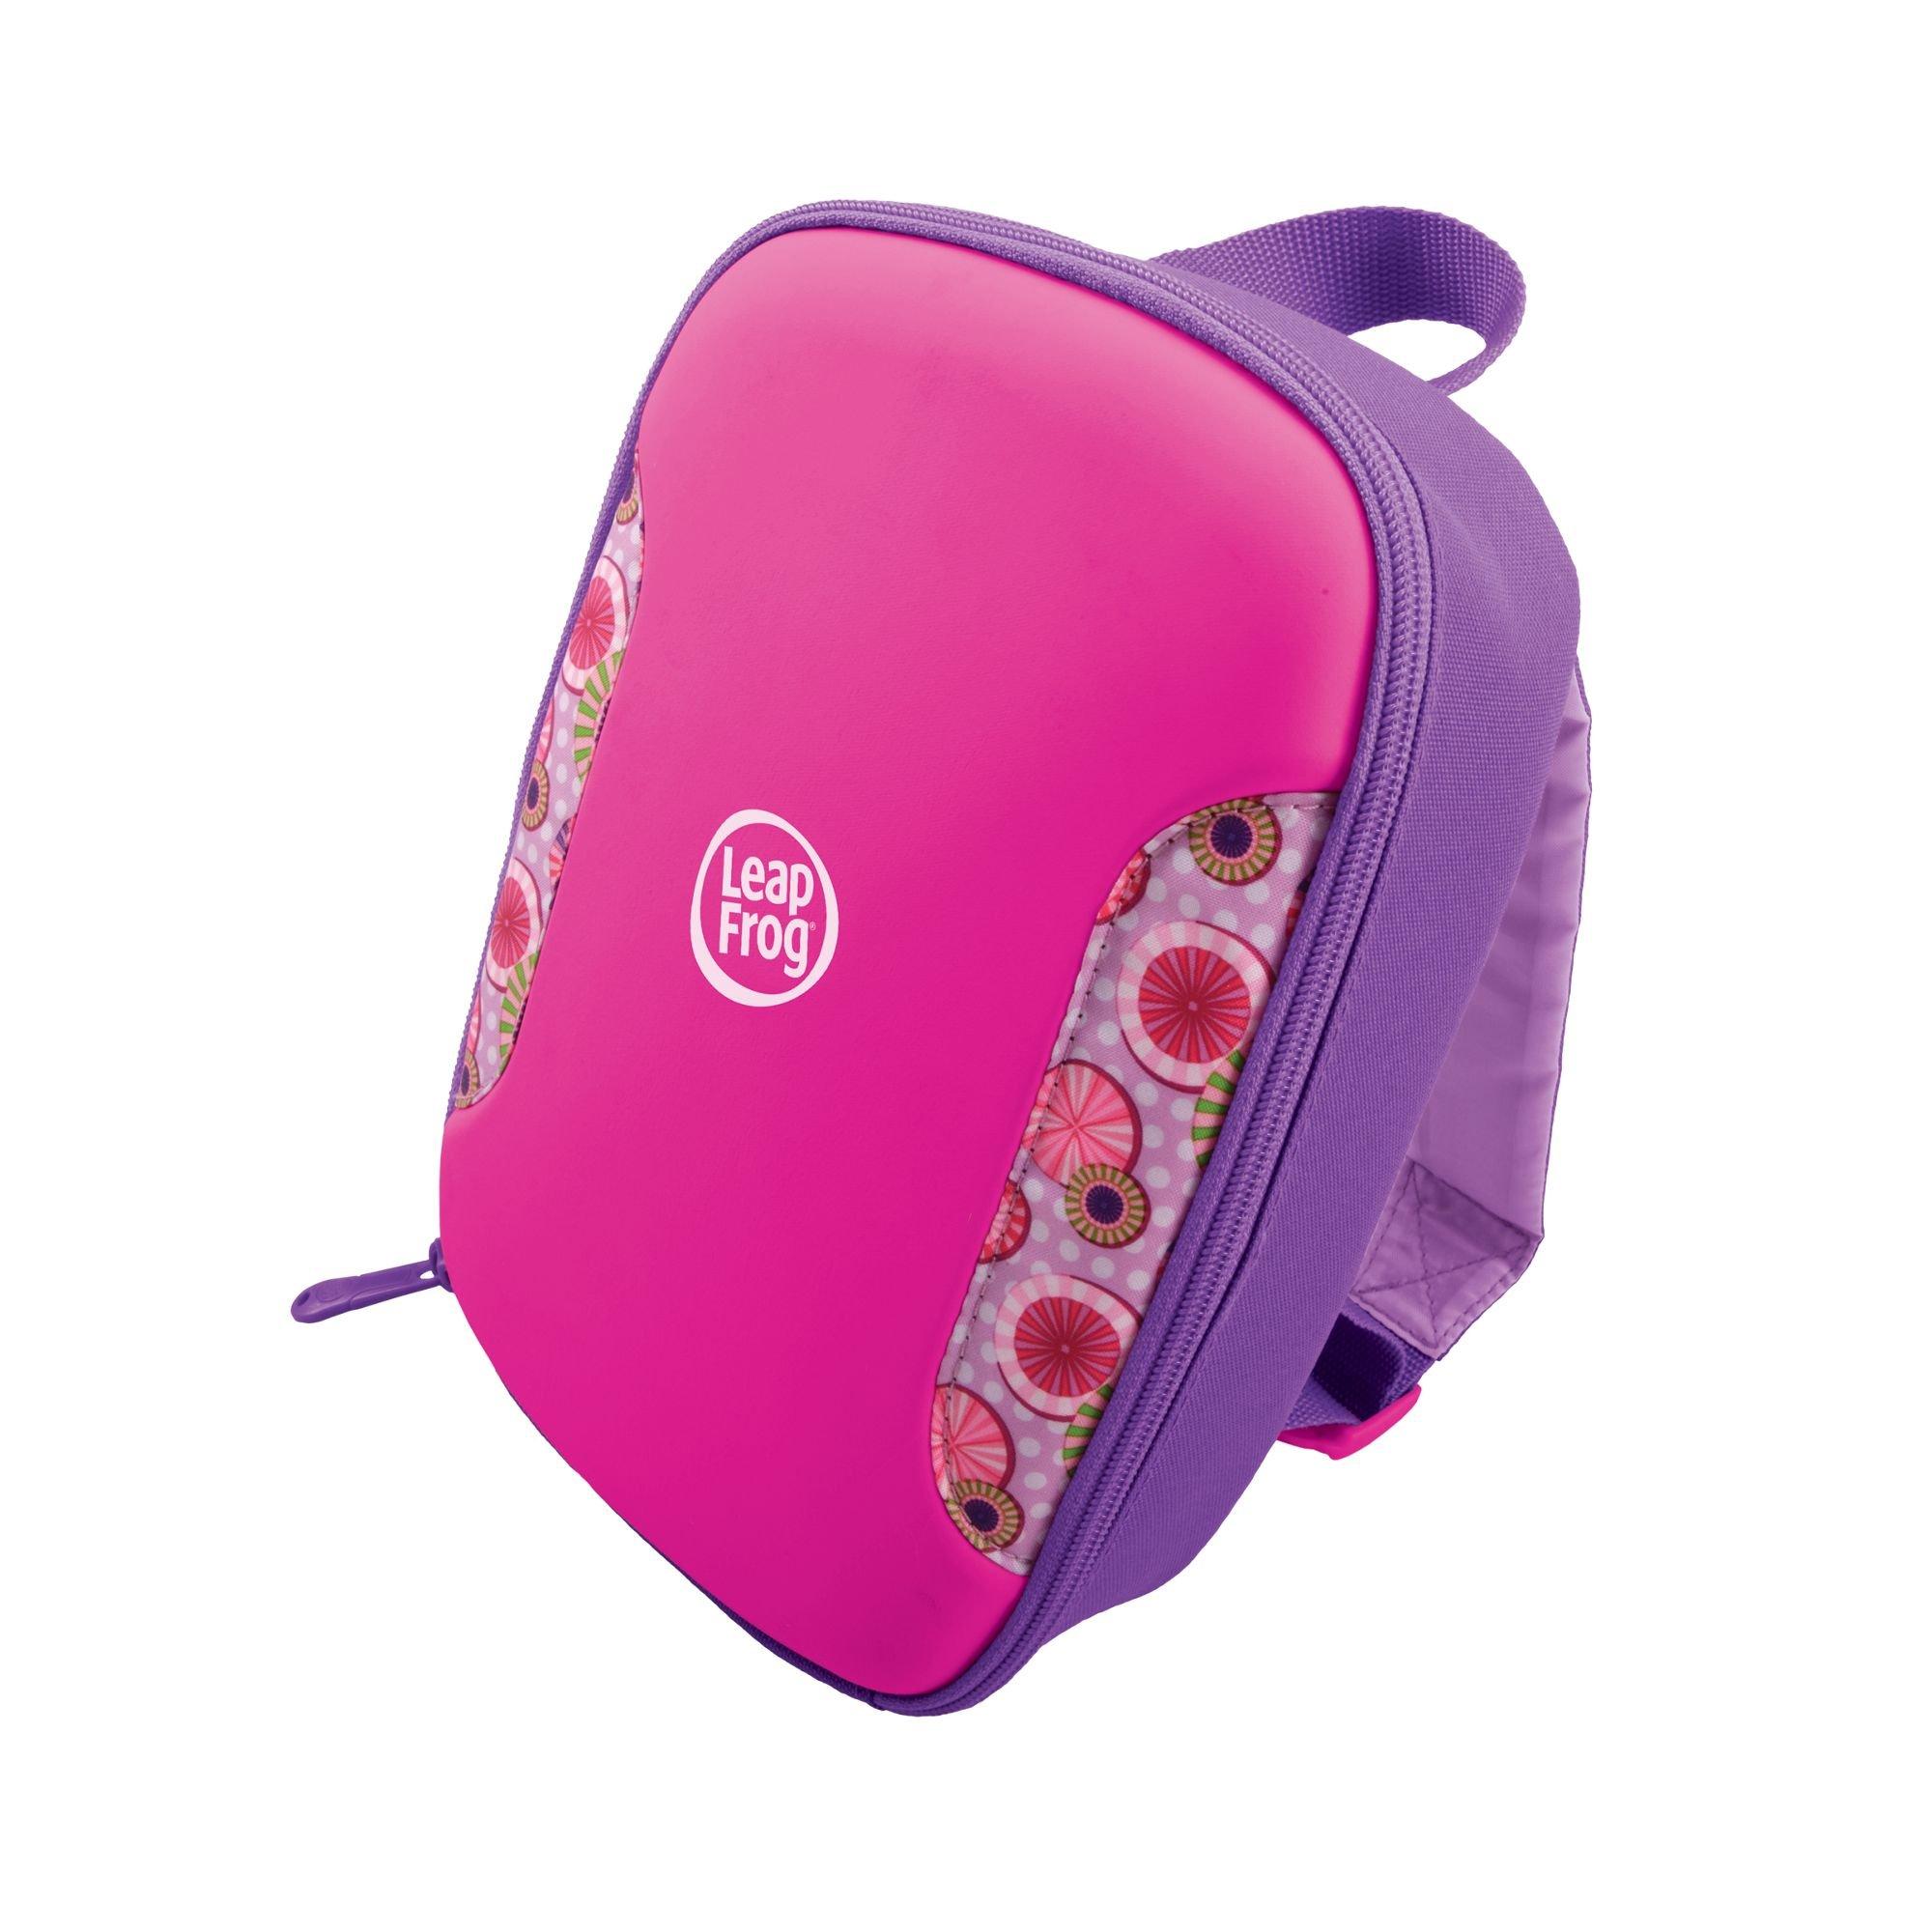 Leapfrog Backpack, Pink - image 1 of 6